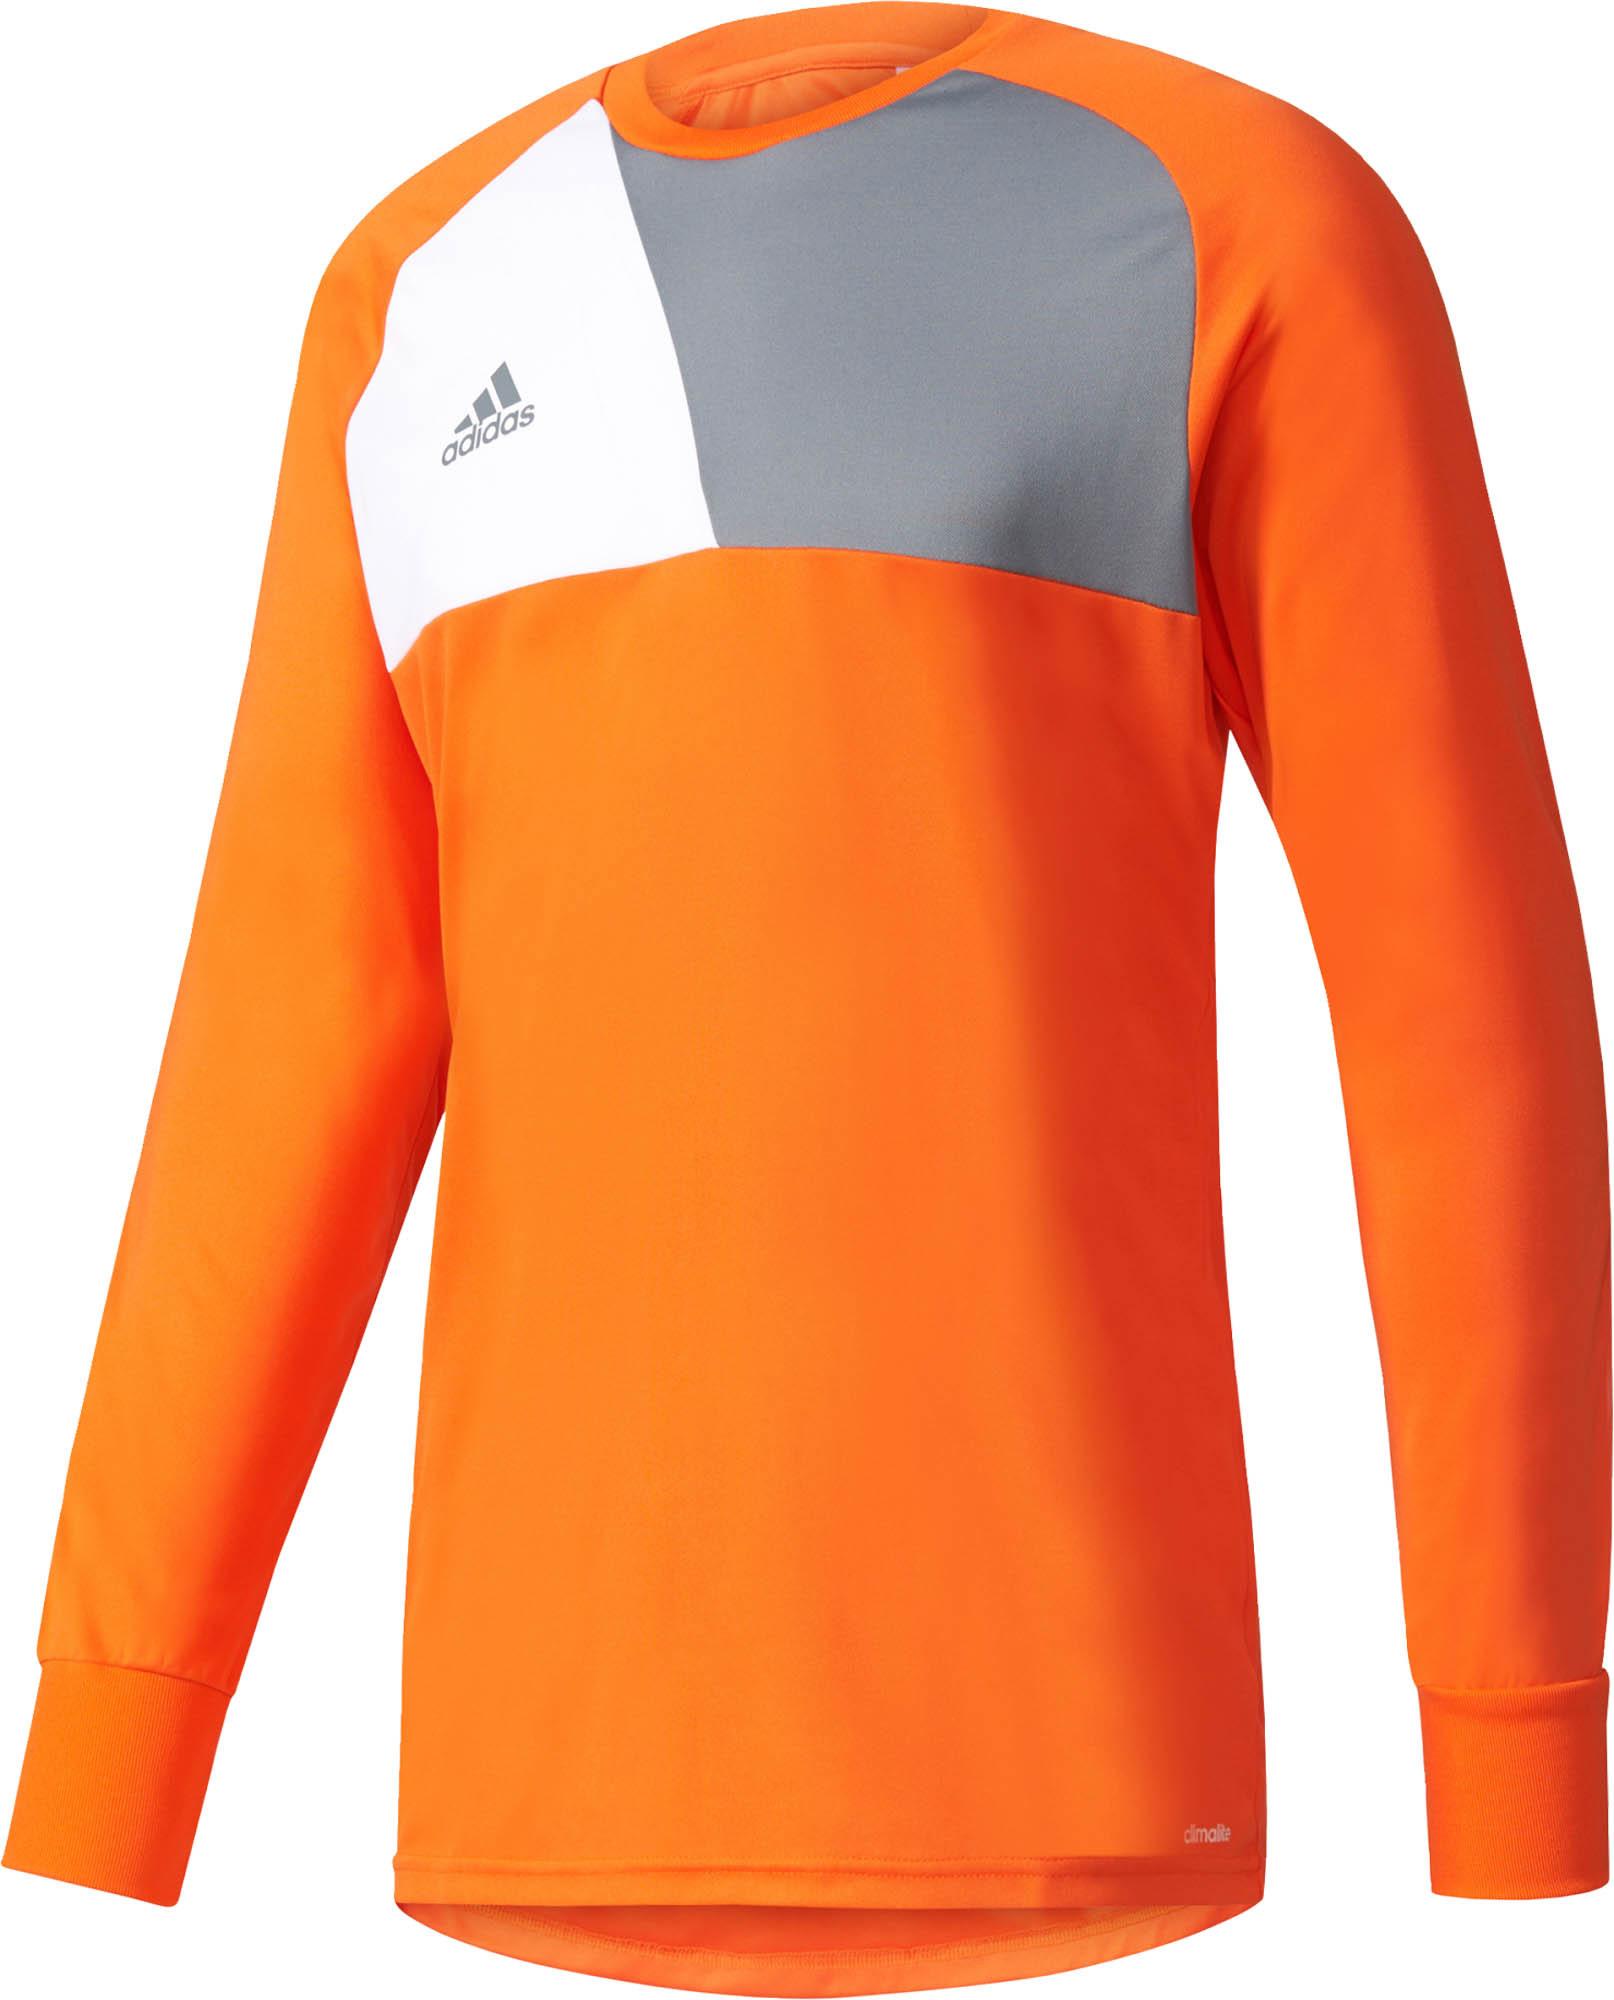 adidas Kids Assita 17 Goalkeeper Jersey - Orange & White - Soccer ...